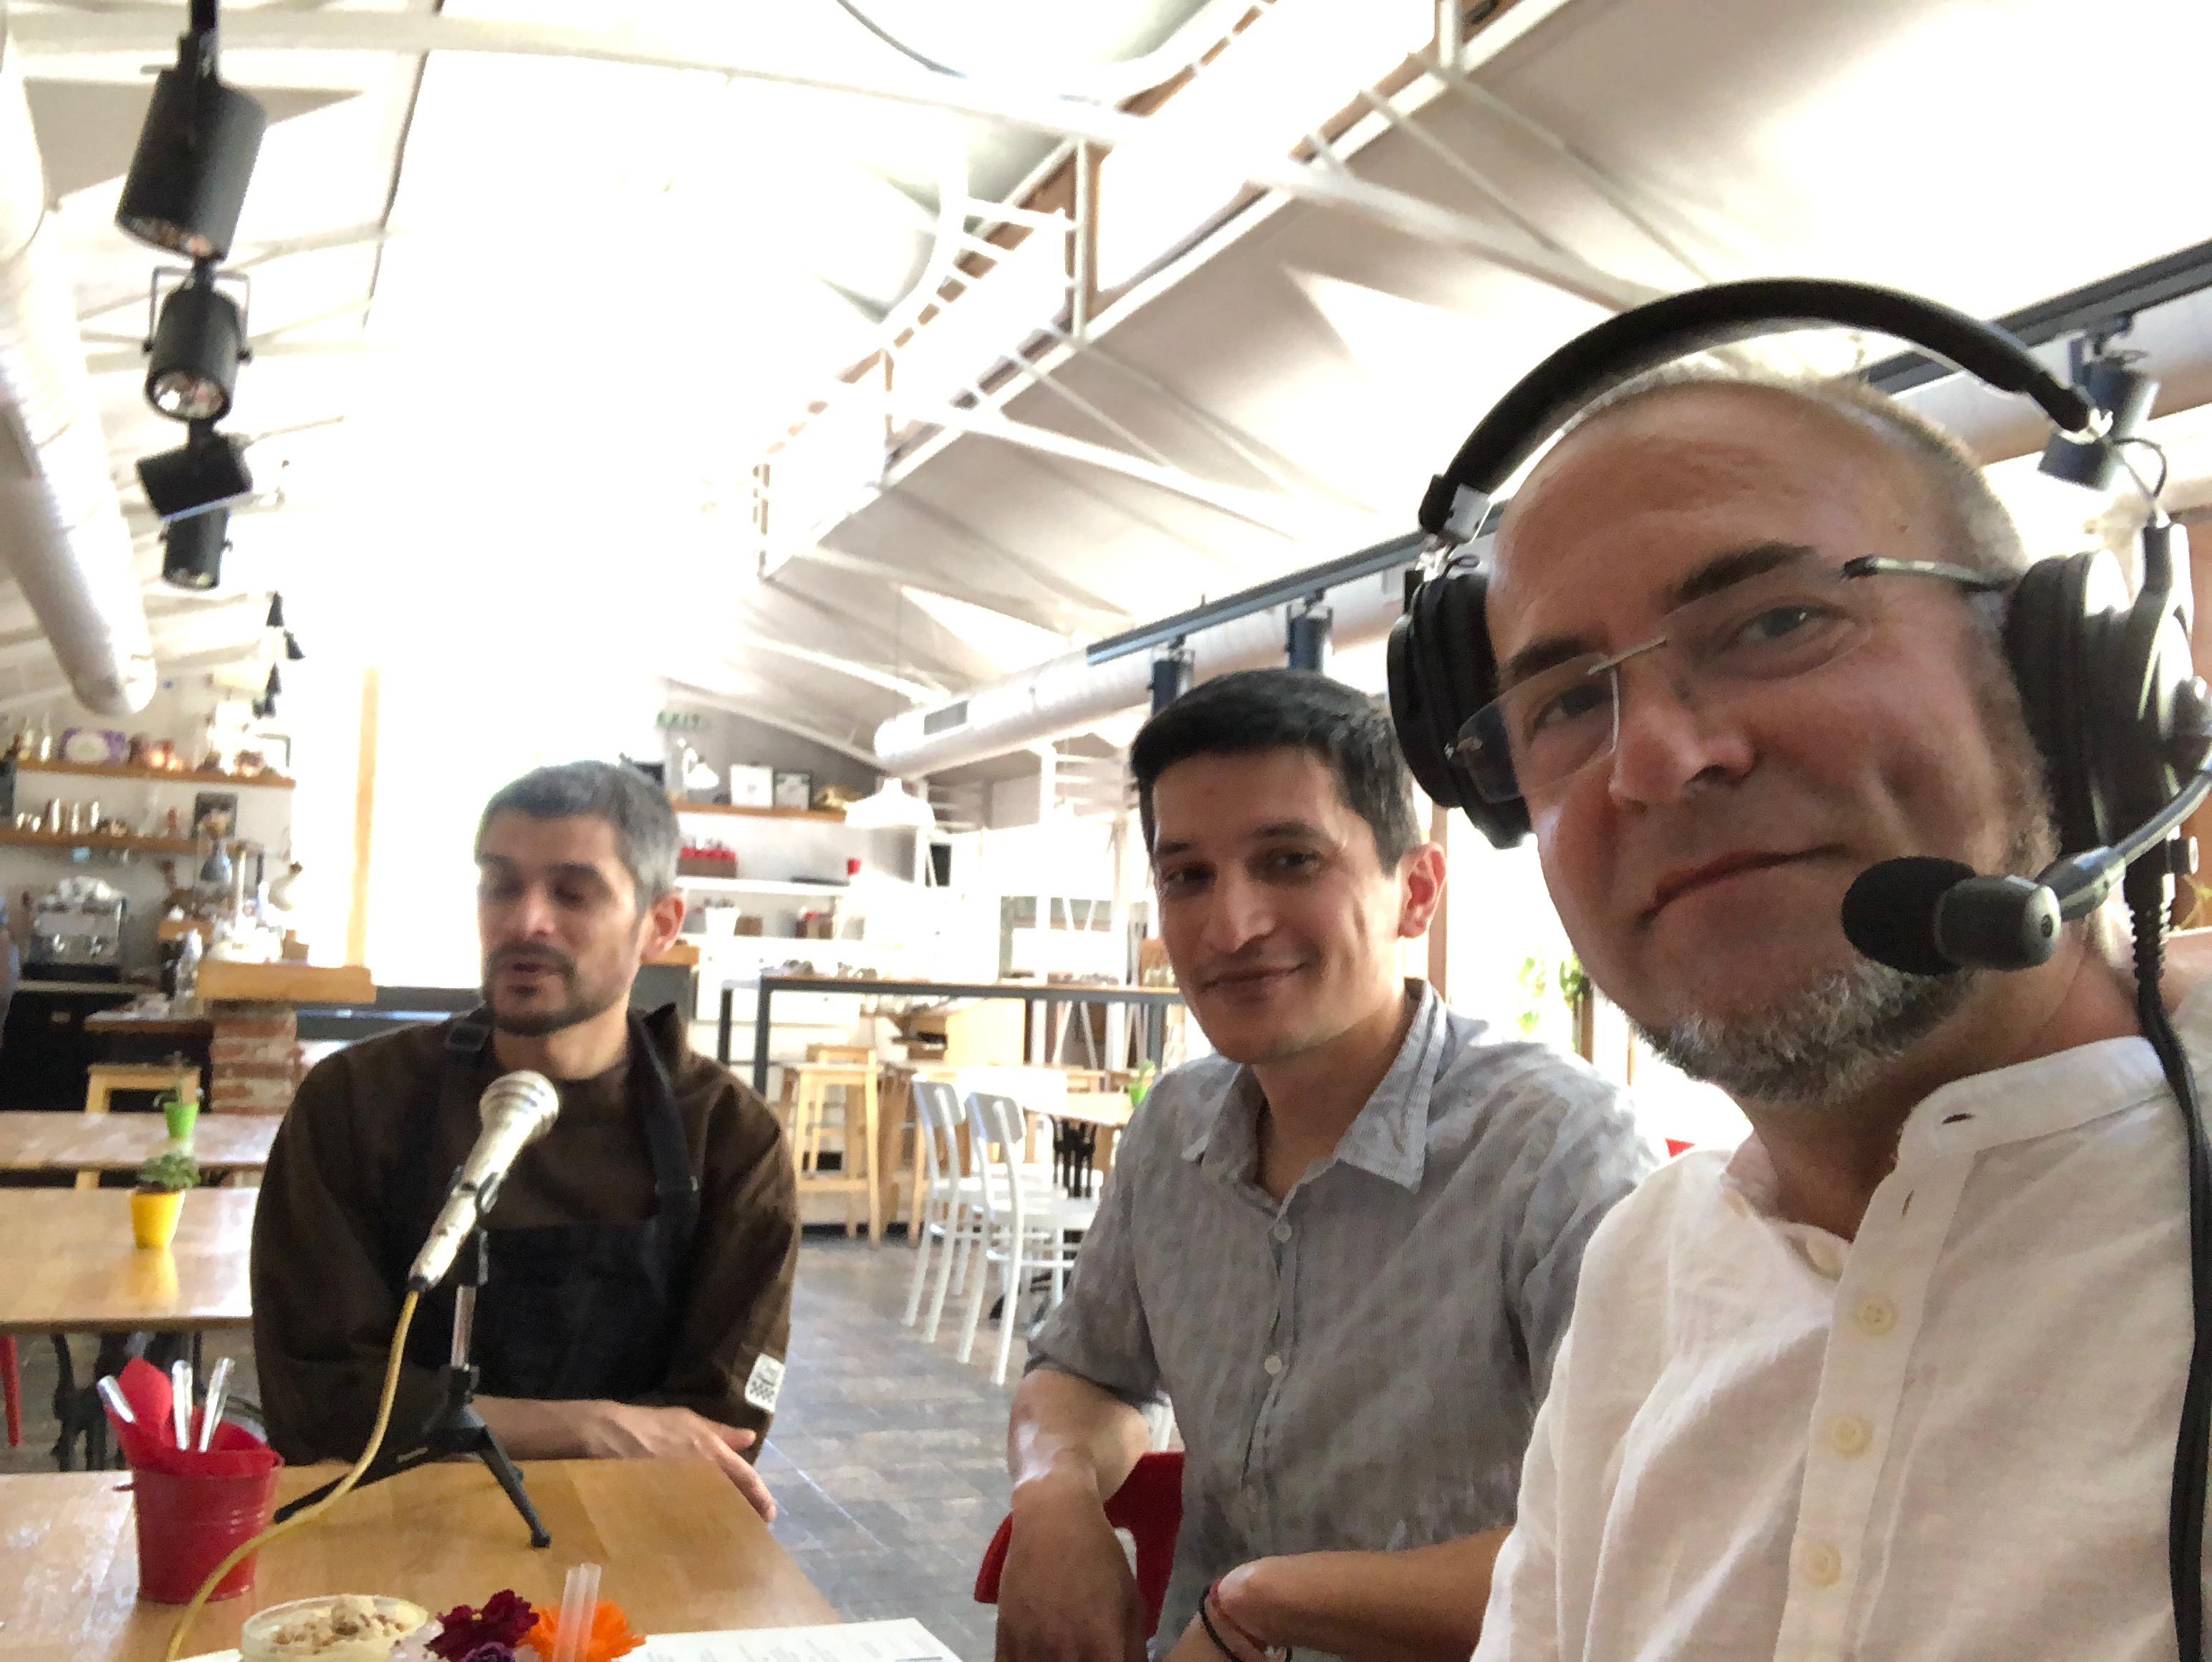 Ники Коев, Масаки Йошида и Джун Йошида пред камерата на Очилатите Дегустатори по време на Sofia Restaurant Week